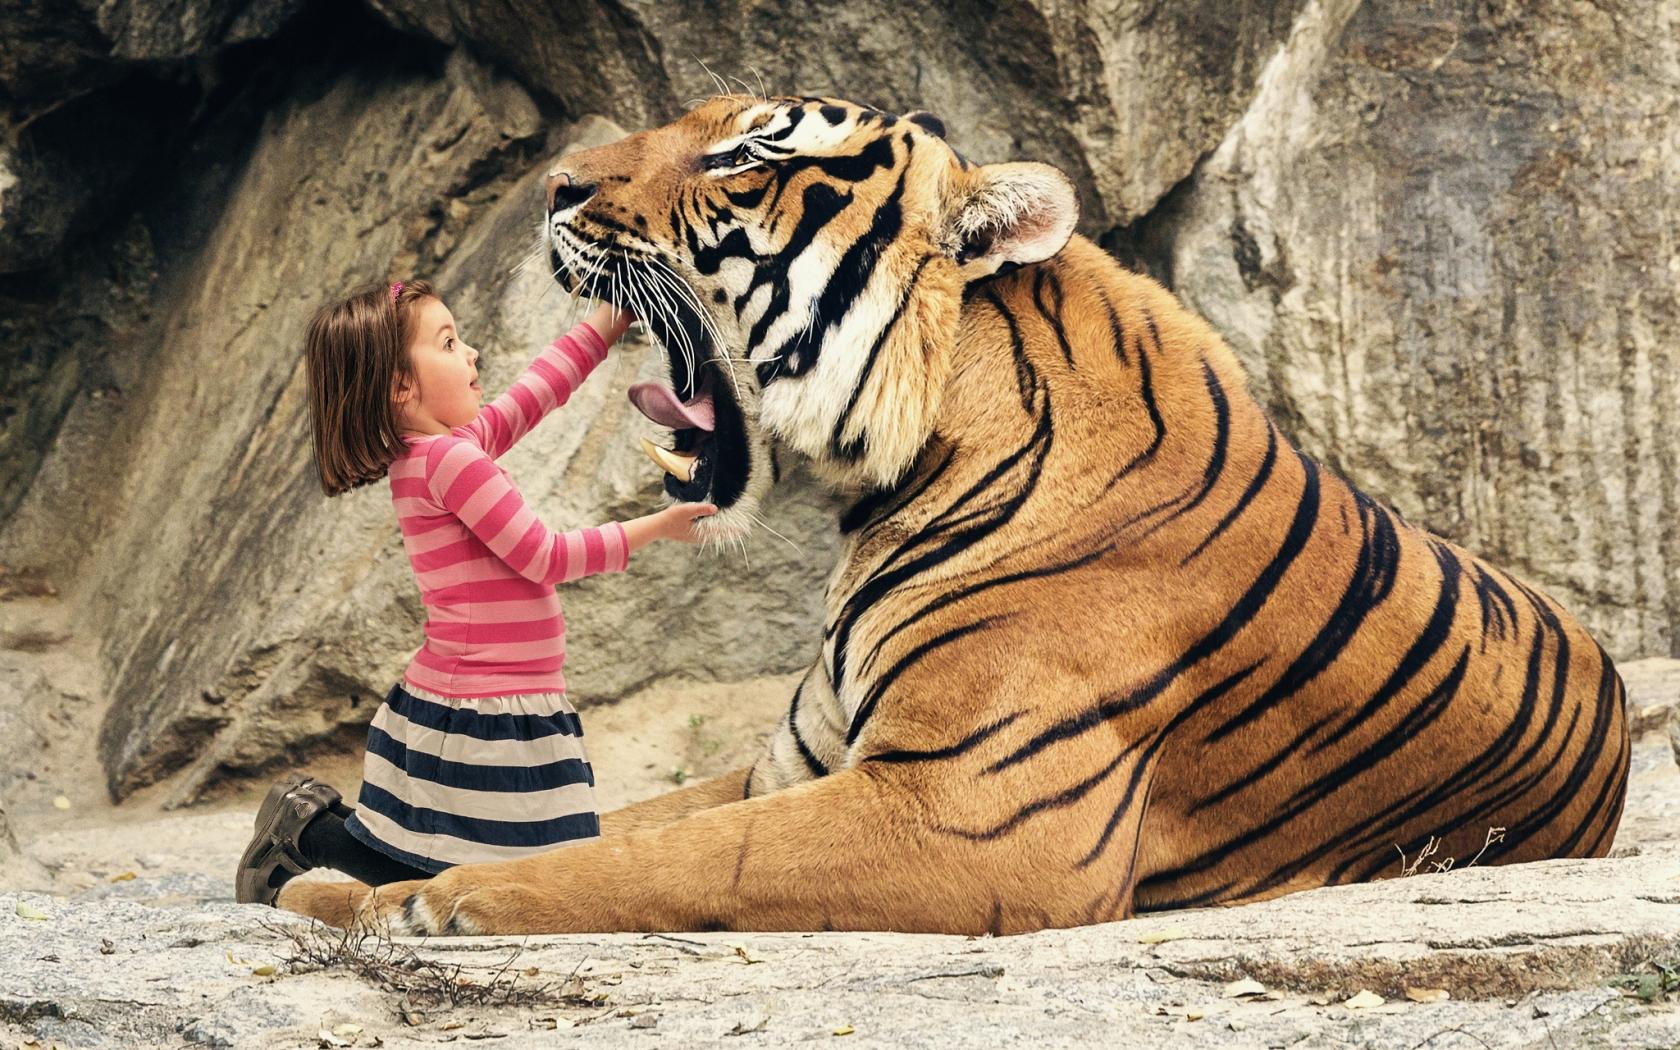 Tigre con boca abierta - 1680x1050